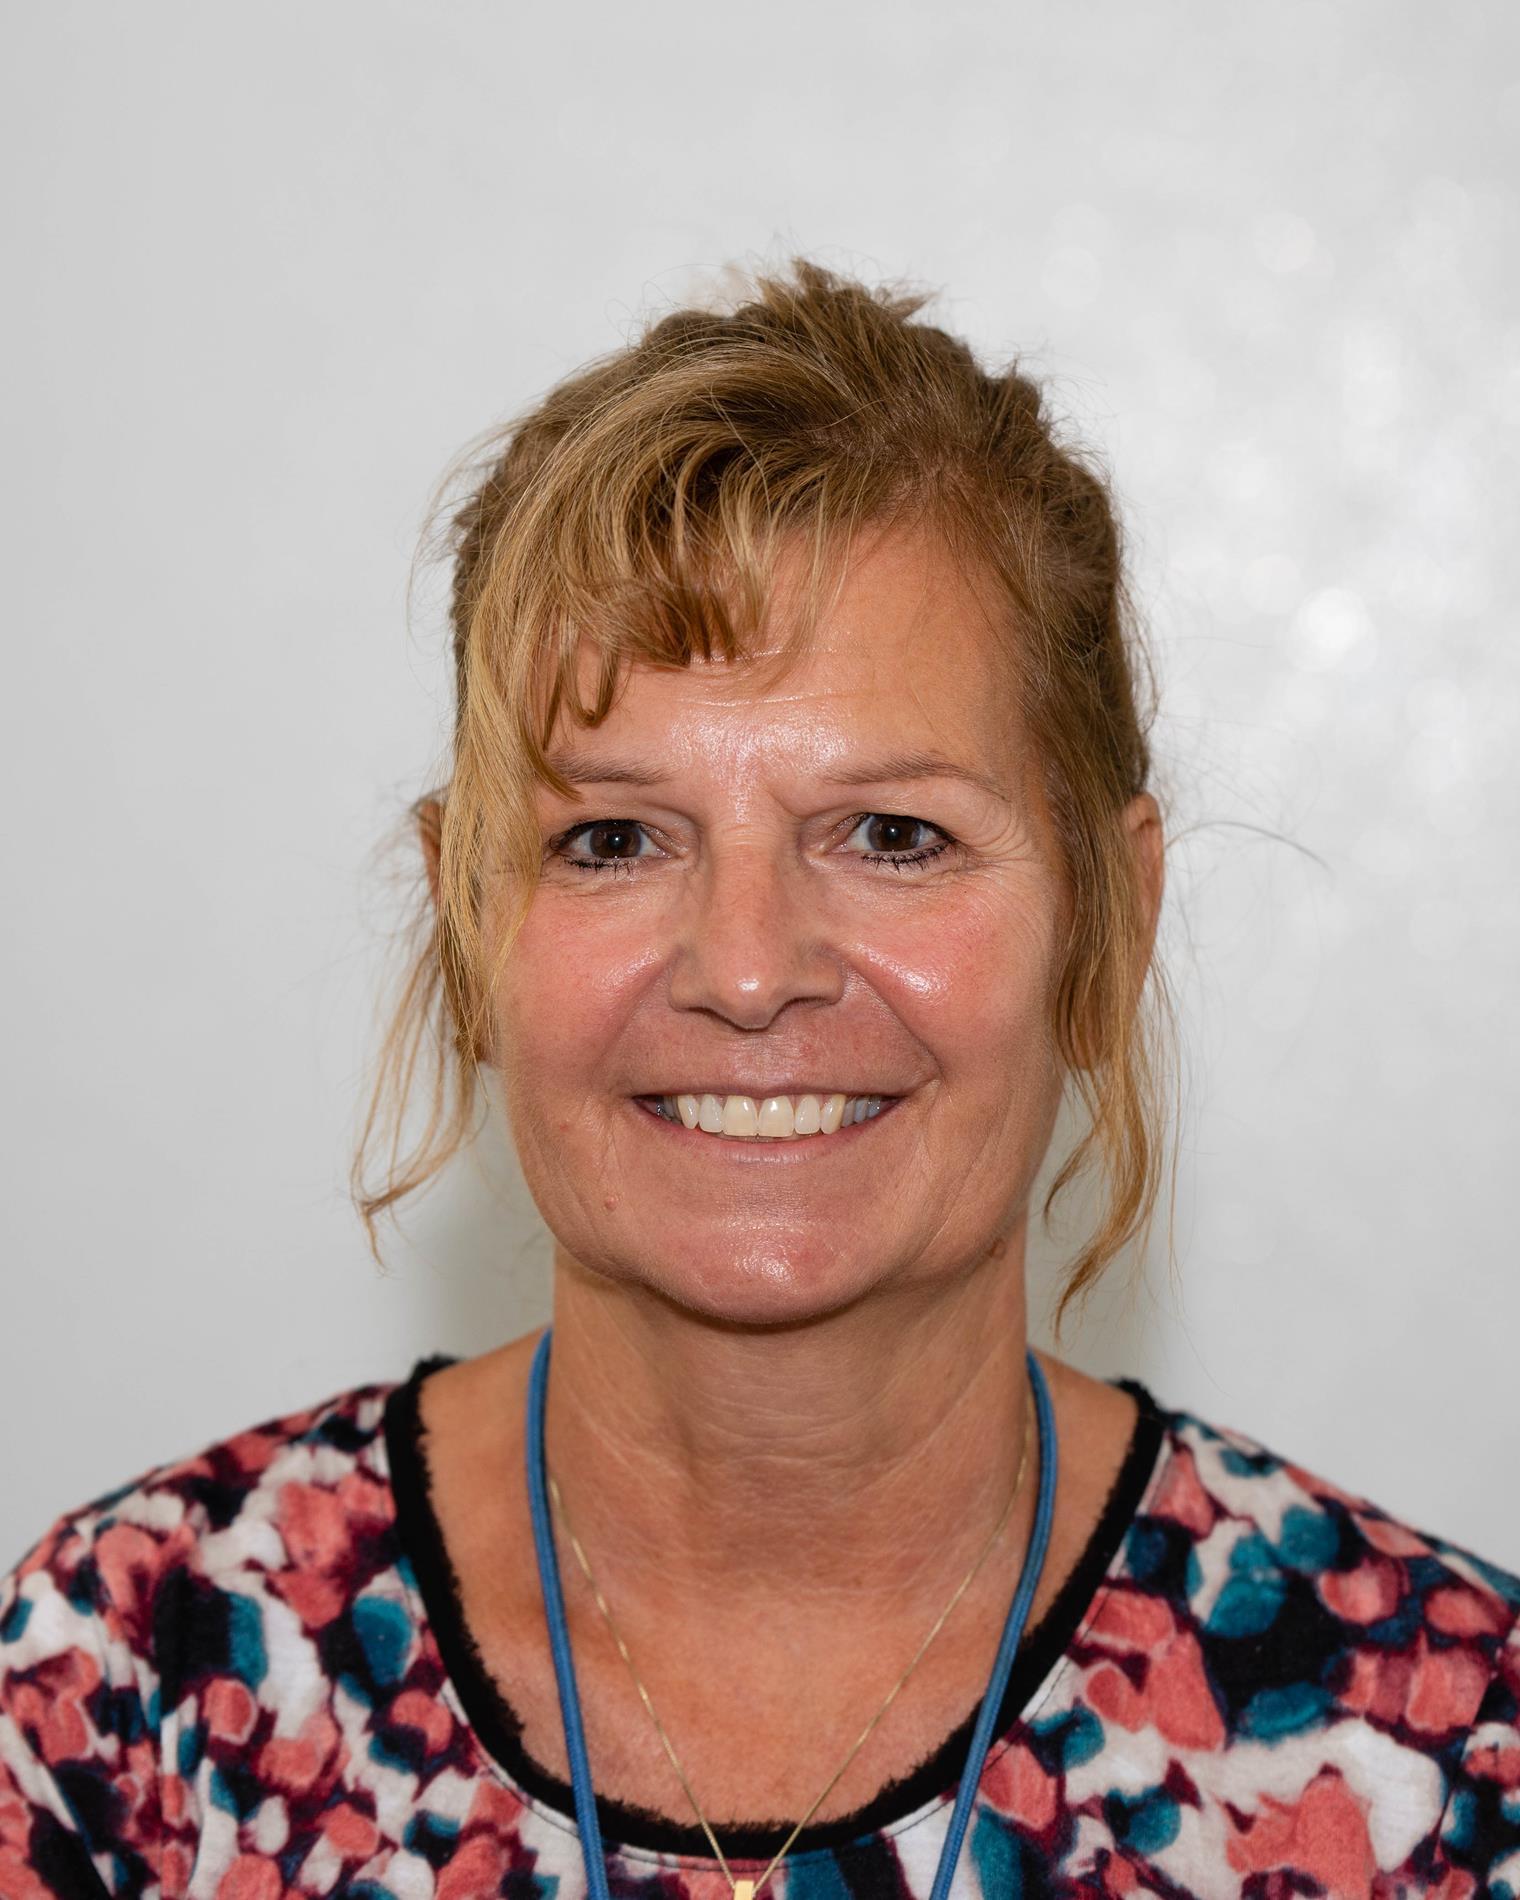 Kristie Chaney